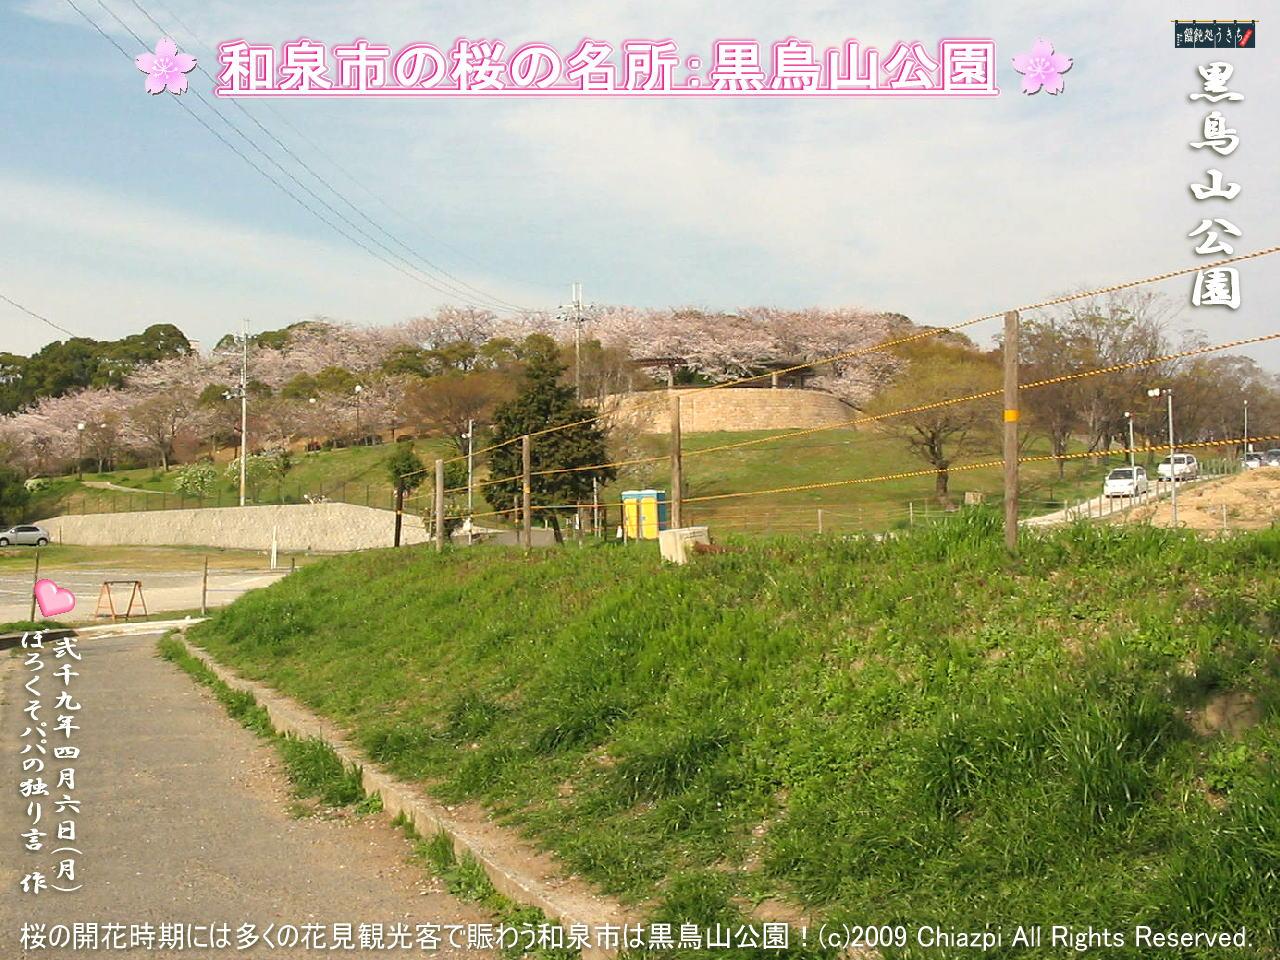 4/6(月)【黒鳥山公園】桜の開花時期には多くの花見観光客で賑わう和泉市は黒鳥山公園の桜!@キャツピ&めん吉の【ぼろくそパパの独り言】     ▼クリックで1280x960pxlsに拡大します。